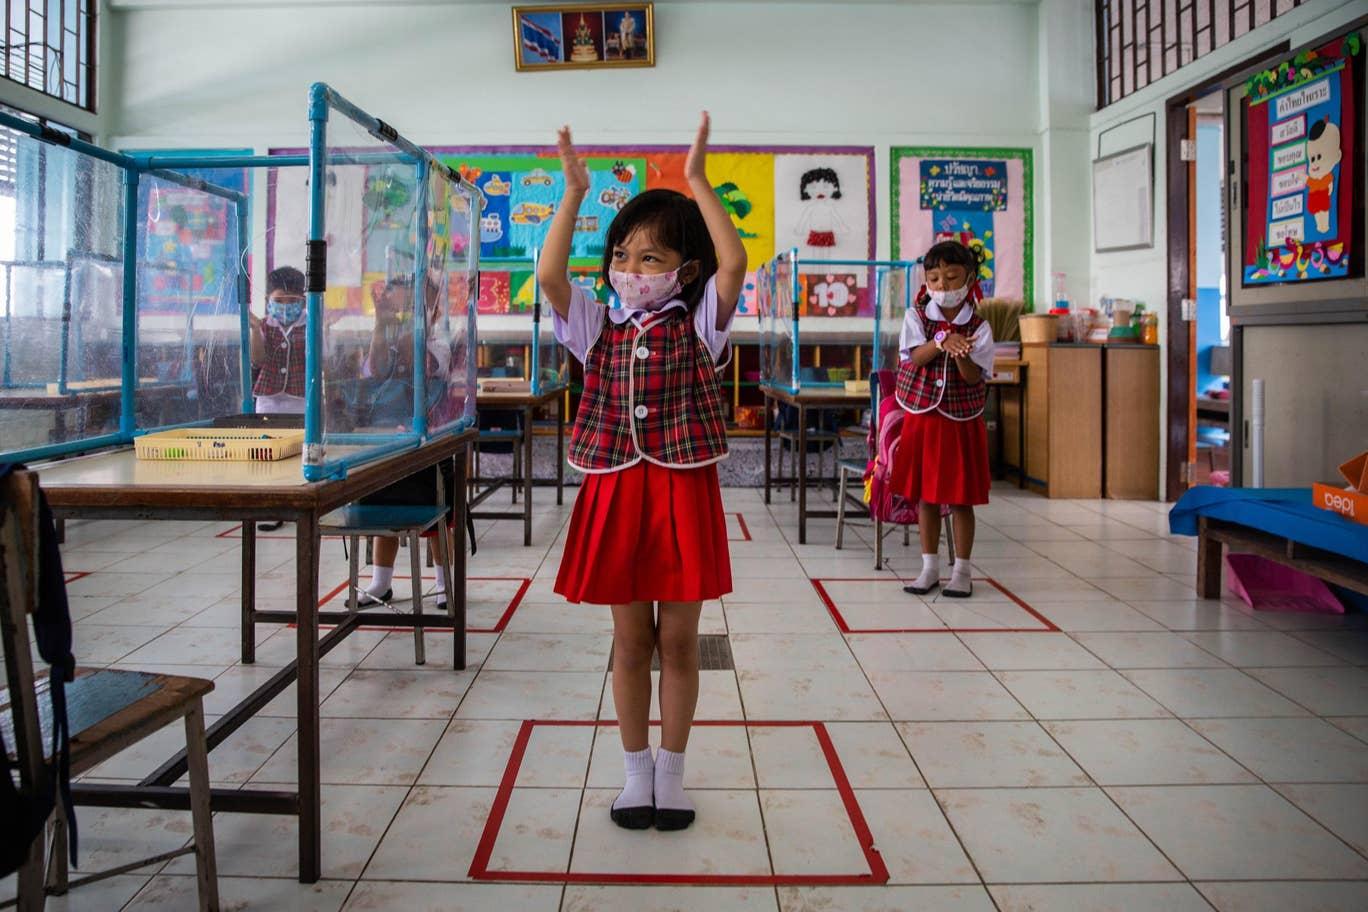 إجراءات أمان مشددة حتى في دور حضانة تايلاندا لمواجهة كورونا (غيتي)